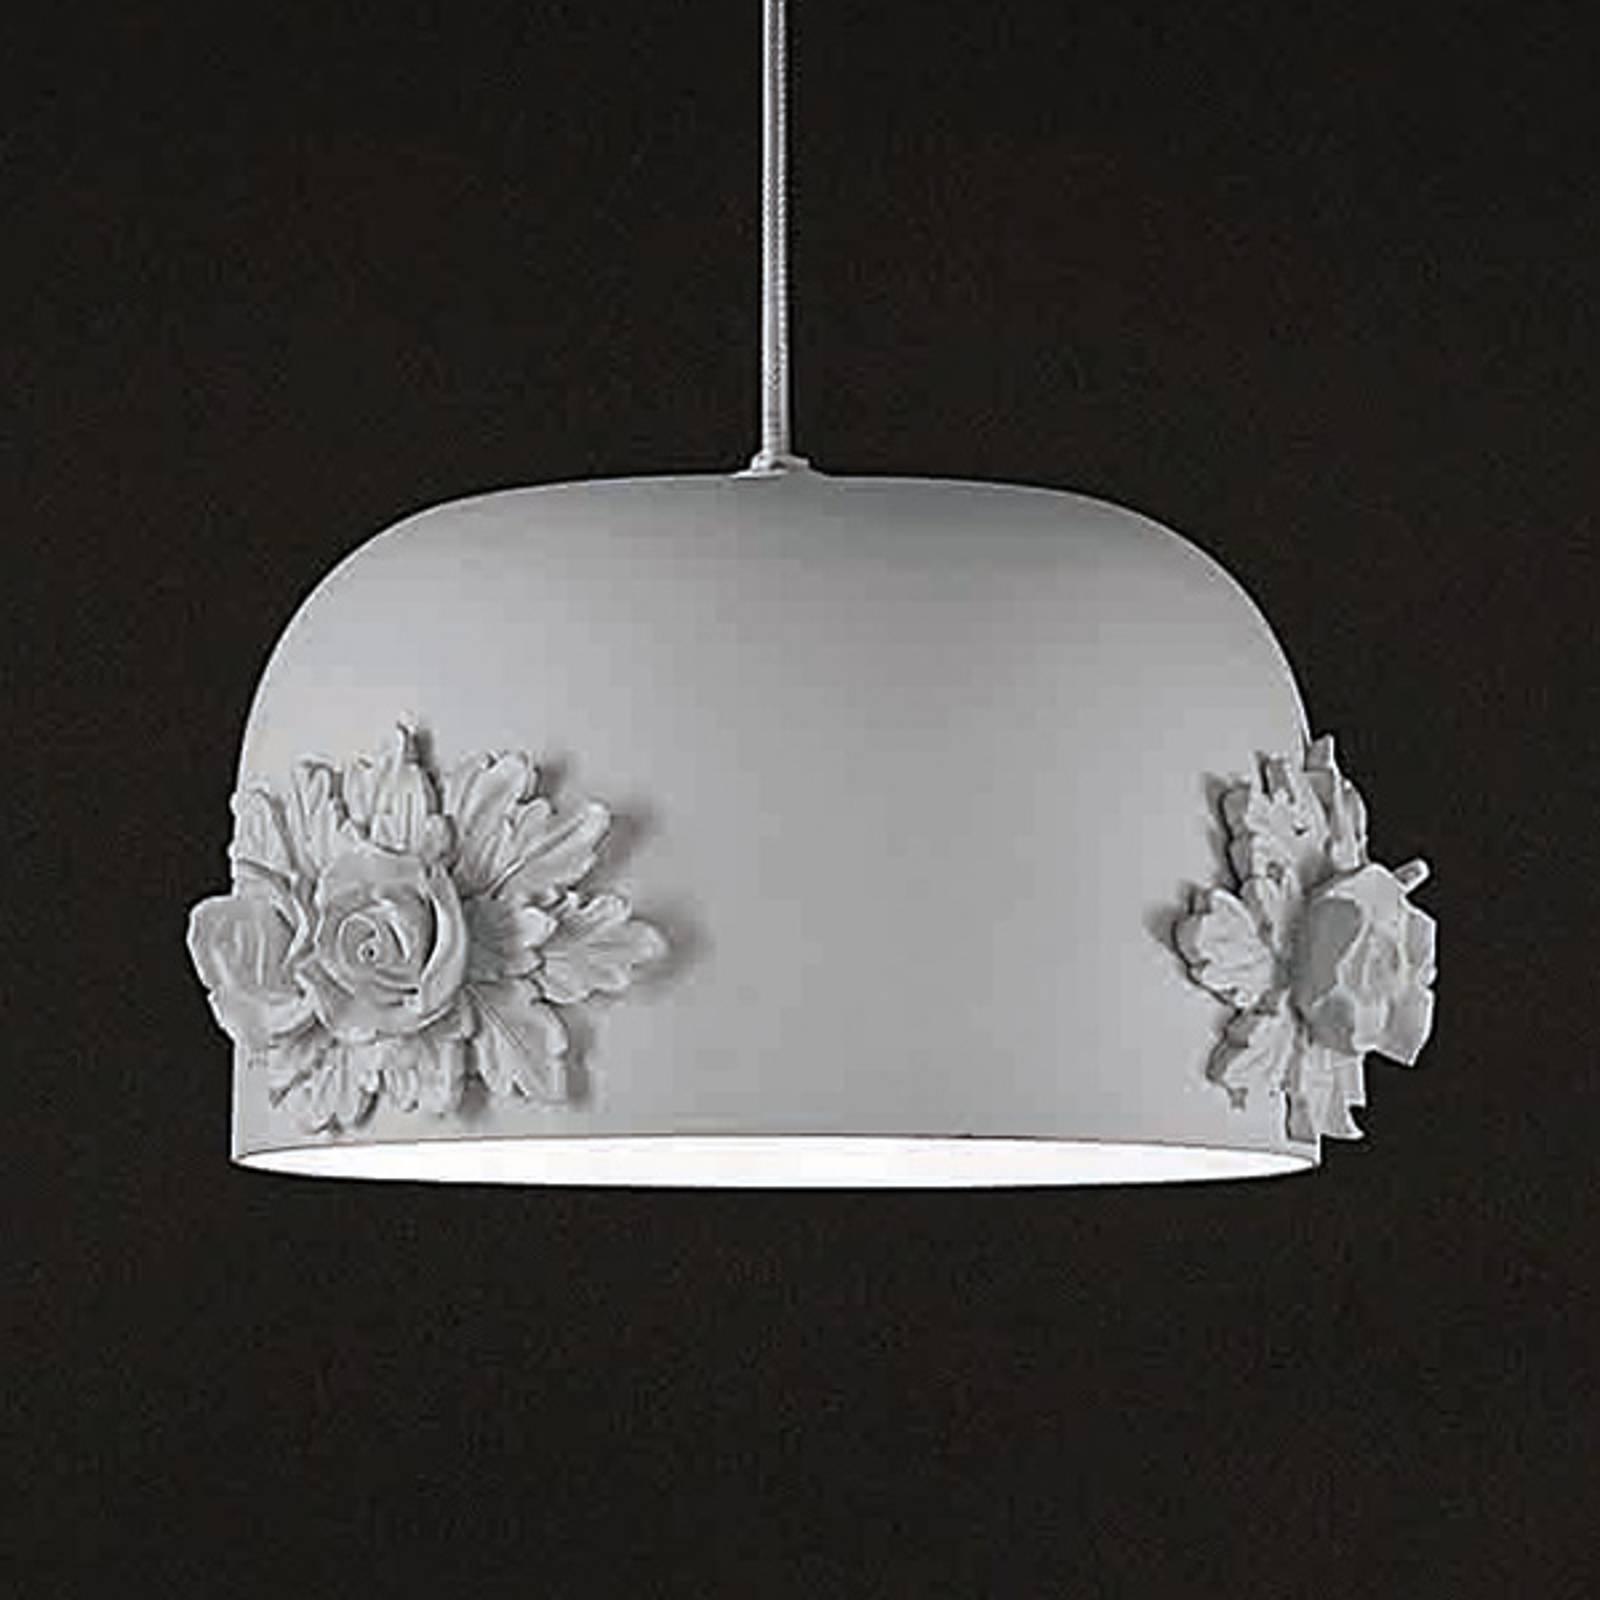 Pieni LED-riippuvalaisin Dame, valkoinen, 18 cm